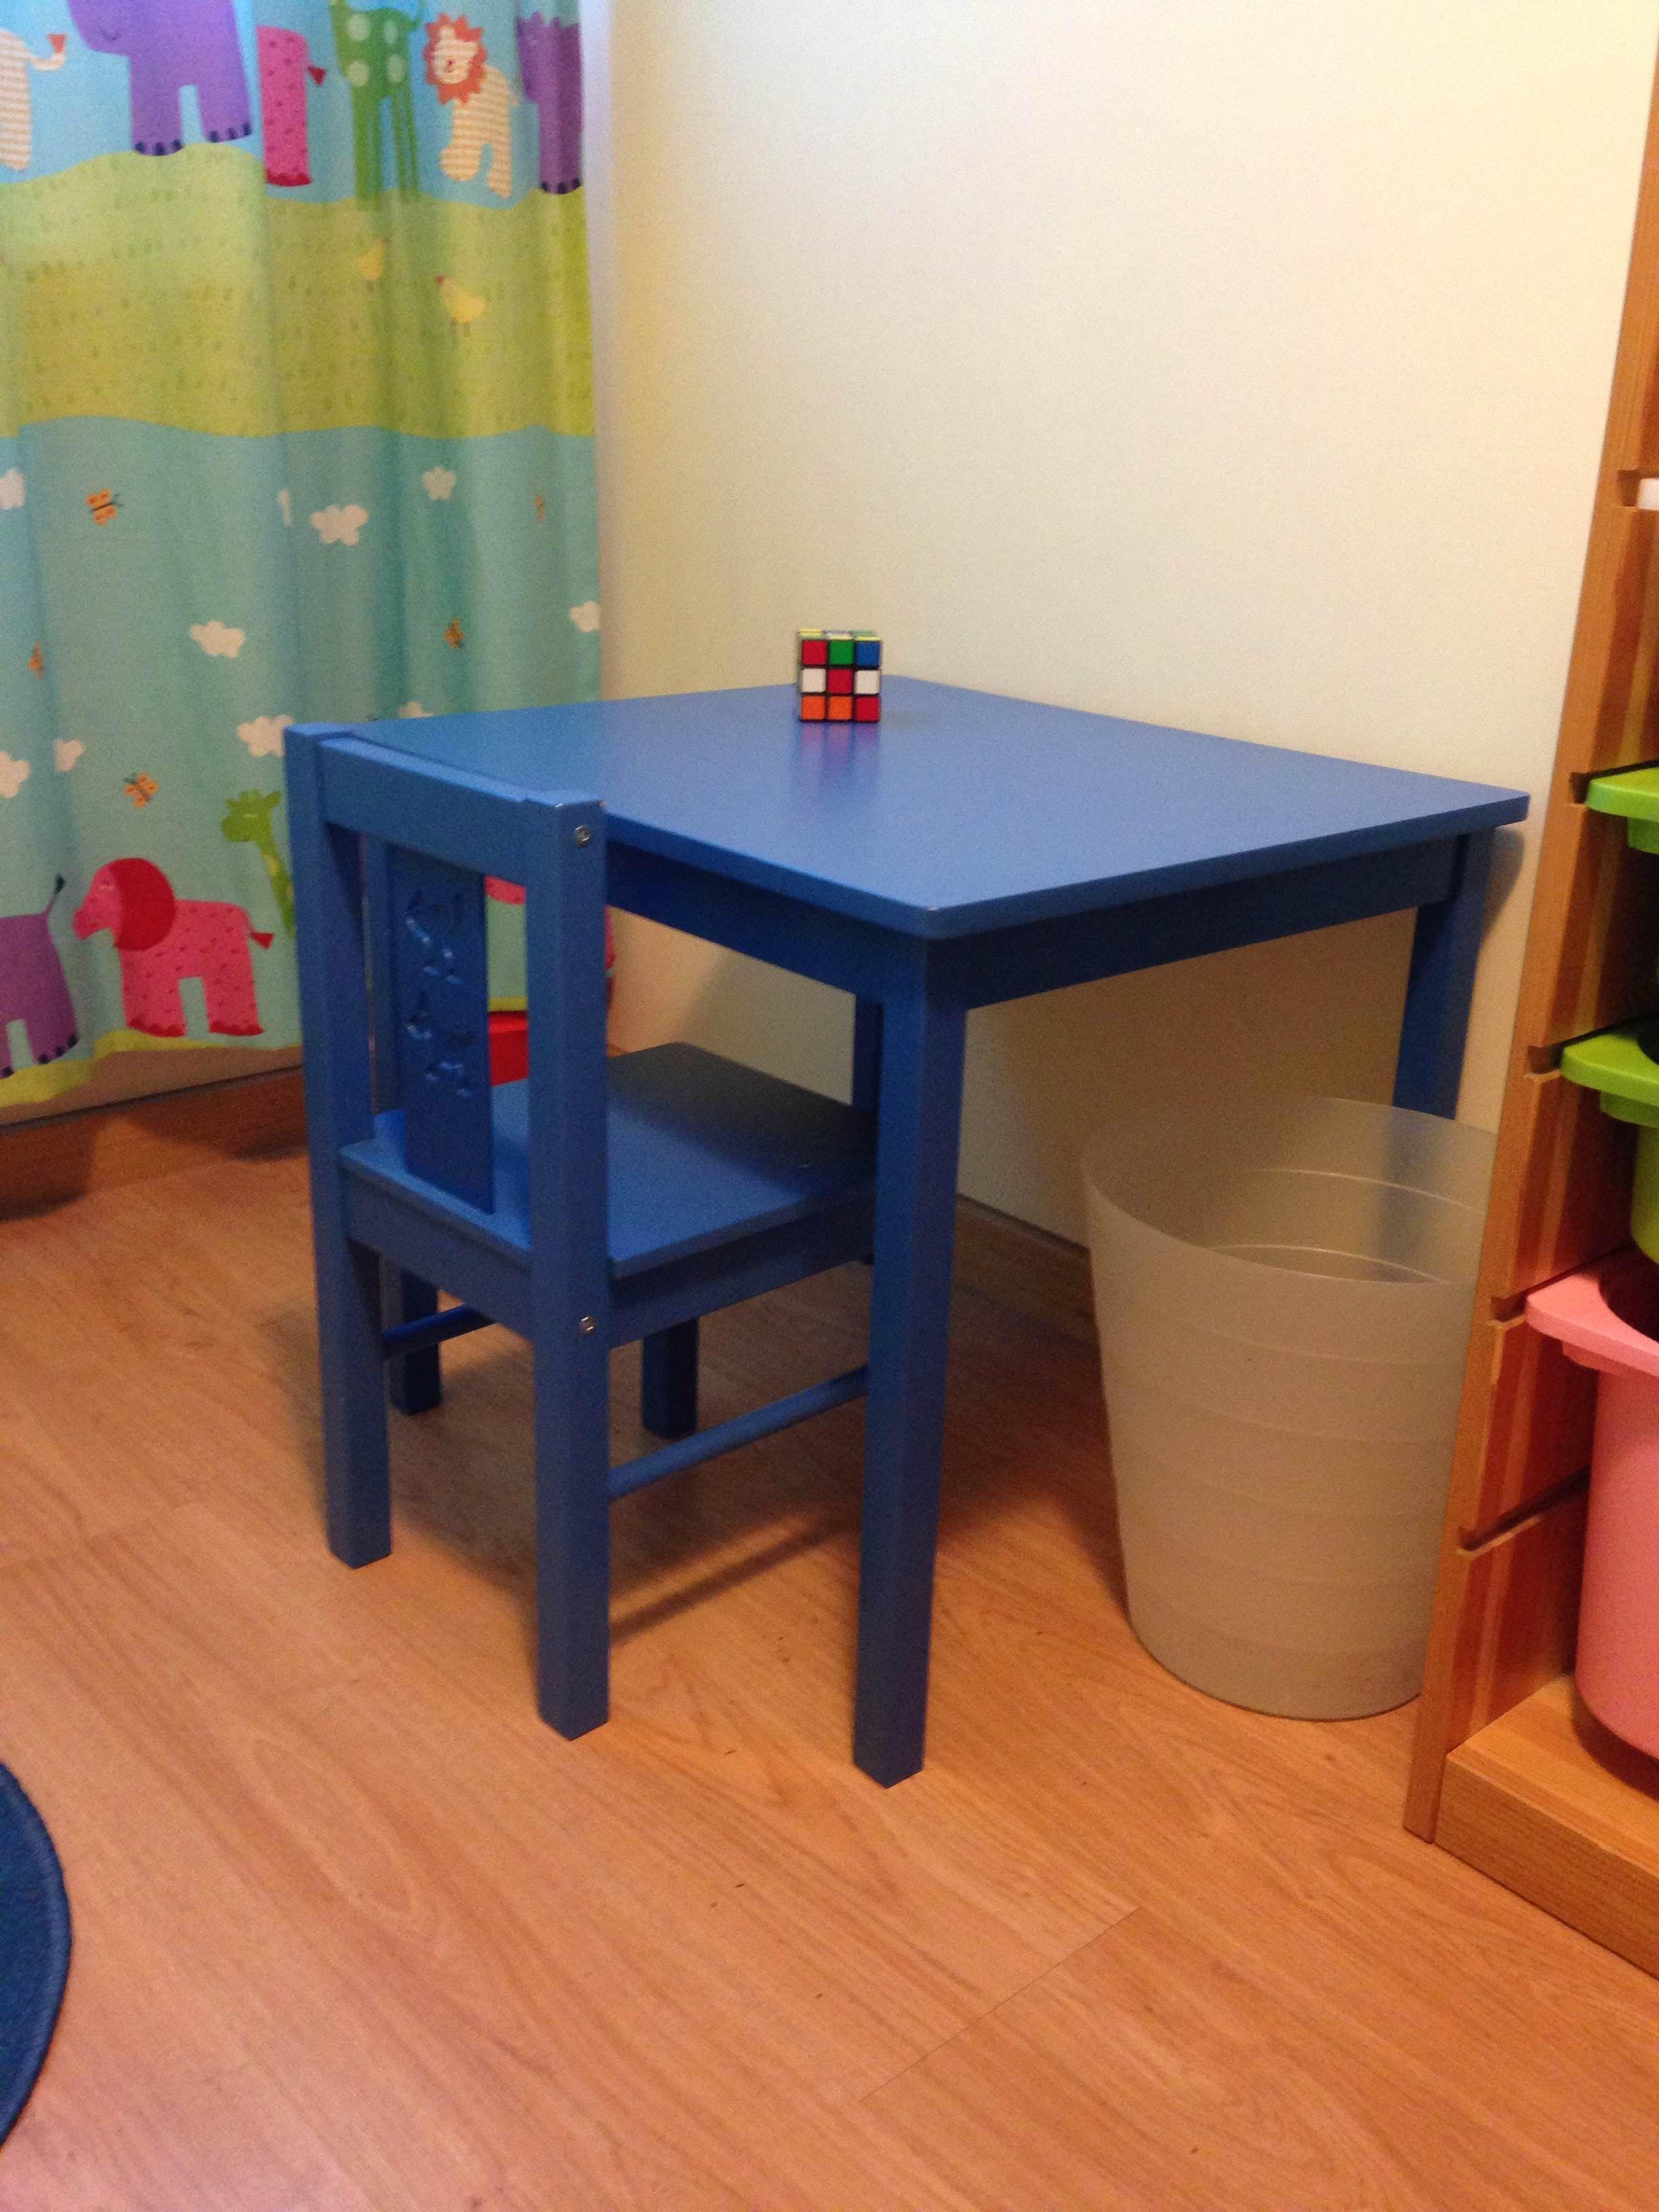 19 mesa y silla ikea kritter infantil 50cm de alto